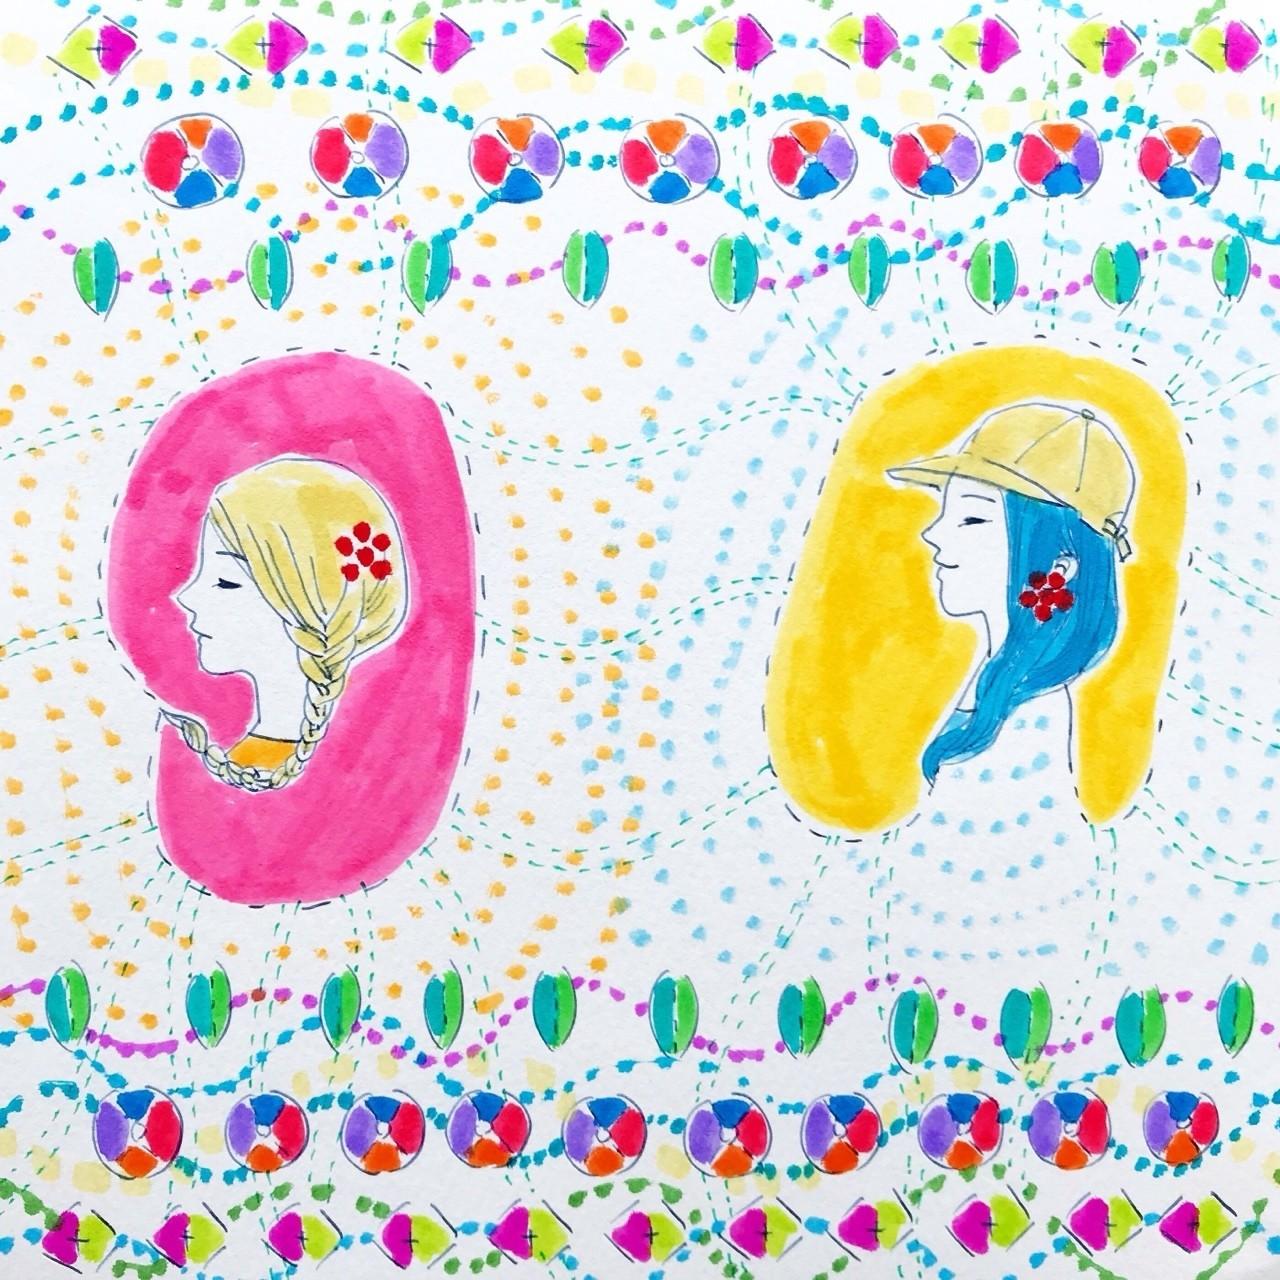 自分がなっていきたいように、自由に変化し続けましょう。今日もよい一日を! #119_Colorful girls4_182x182mm<Drawing>  カラフルベースでは、春日舞子が表現するアートの世界を毎日更新でお届けしています。どうぞお楽しみに。 BASEでは購入もしていただけます。colorfulbase.thebase.in #アート #ドローイング #イラスト #絵 #カラフル #原画販売 #グッズ販売